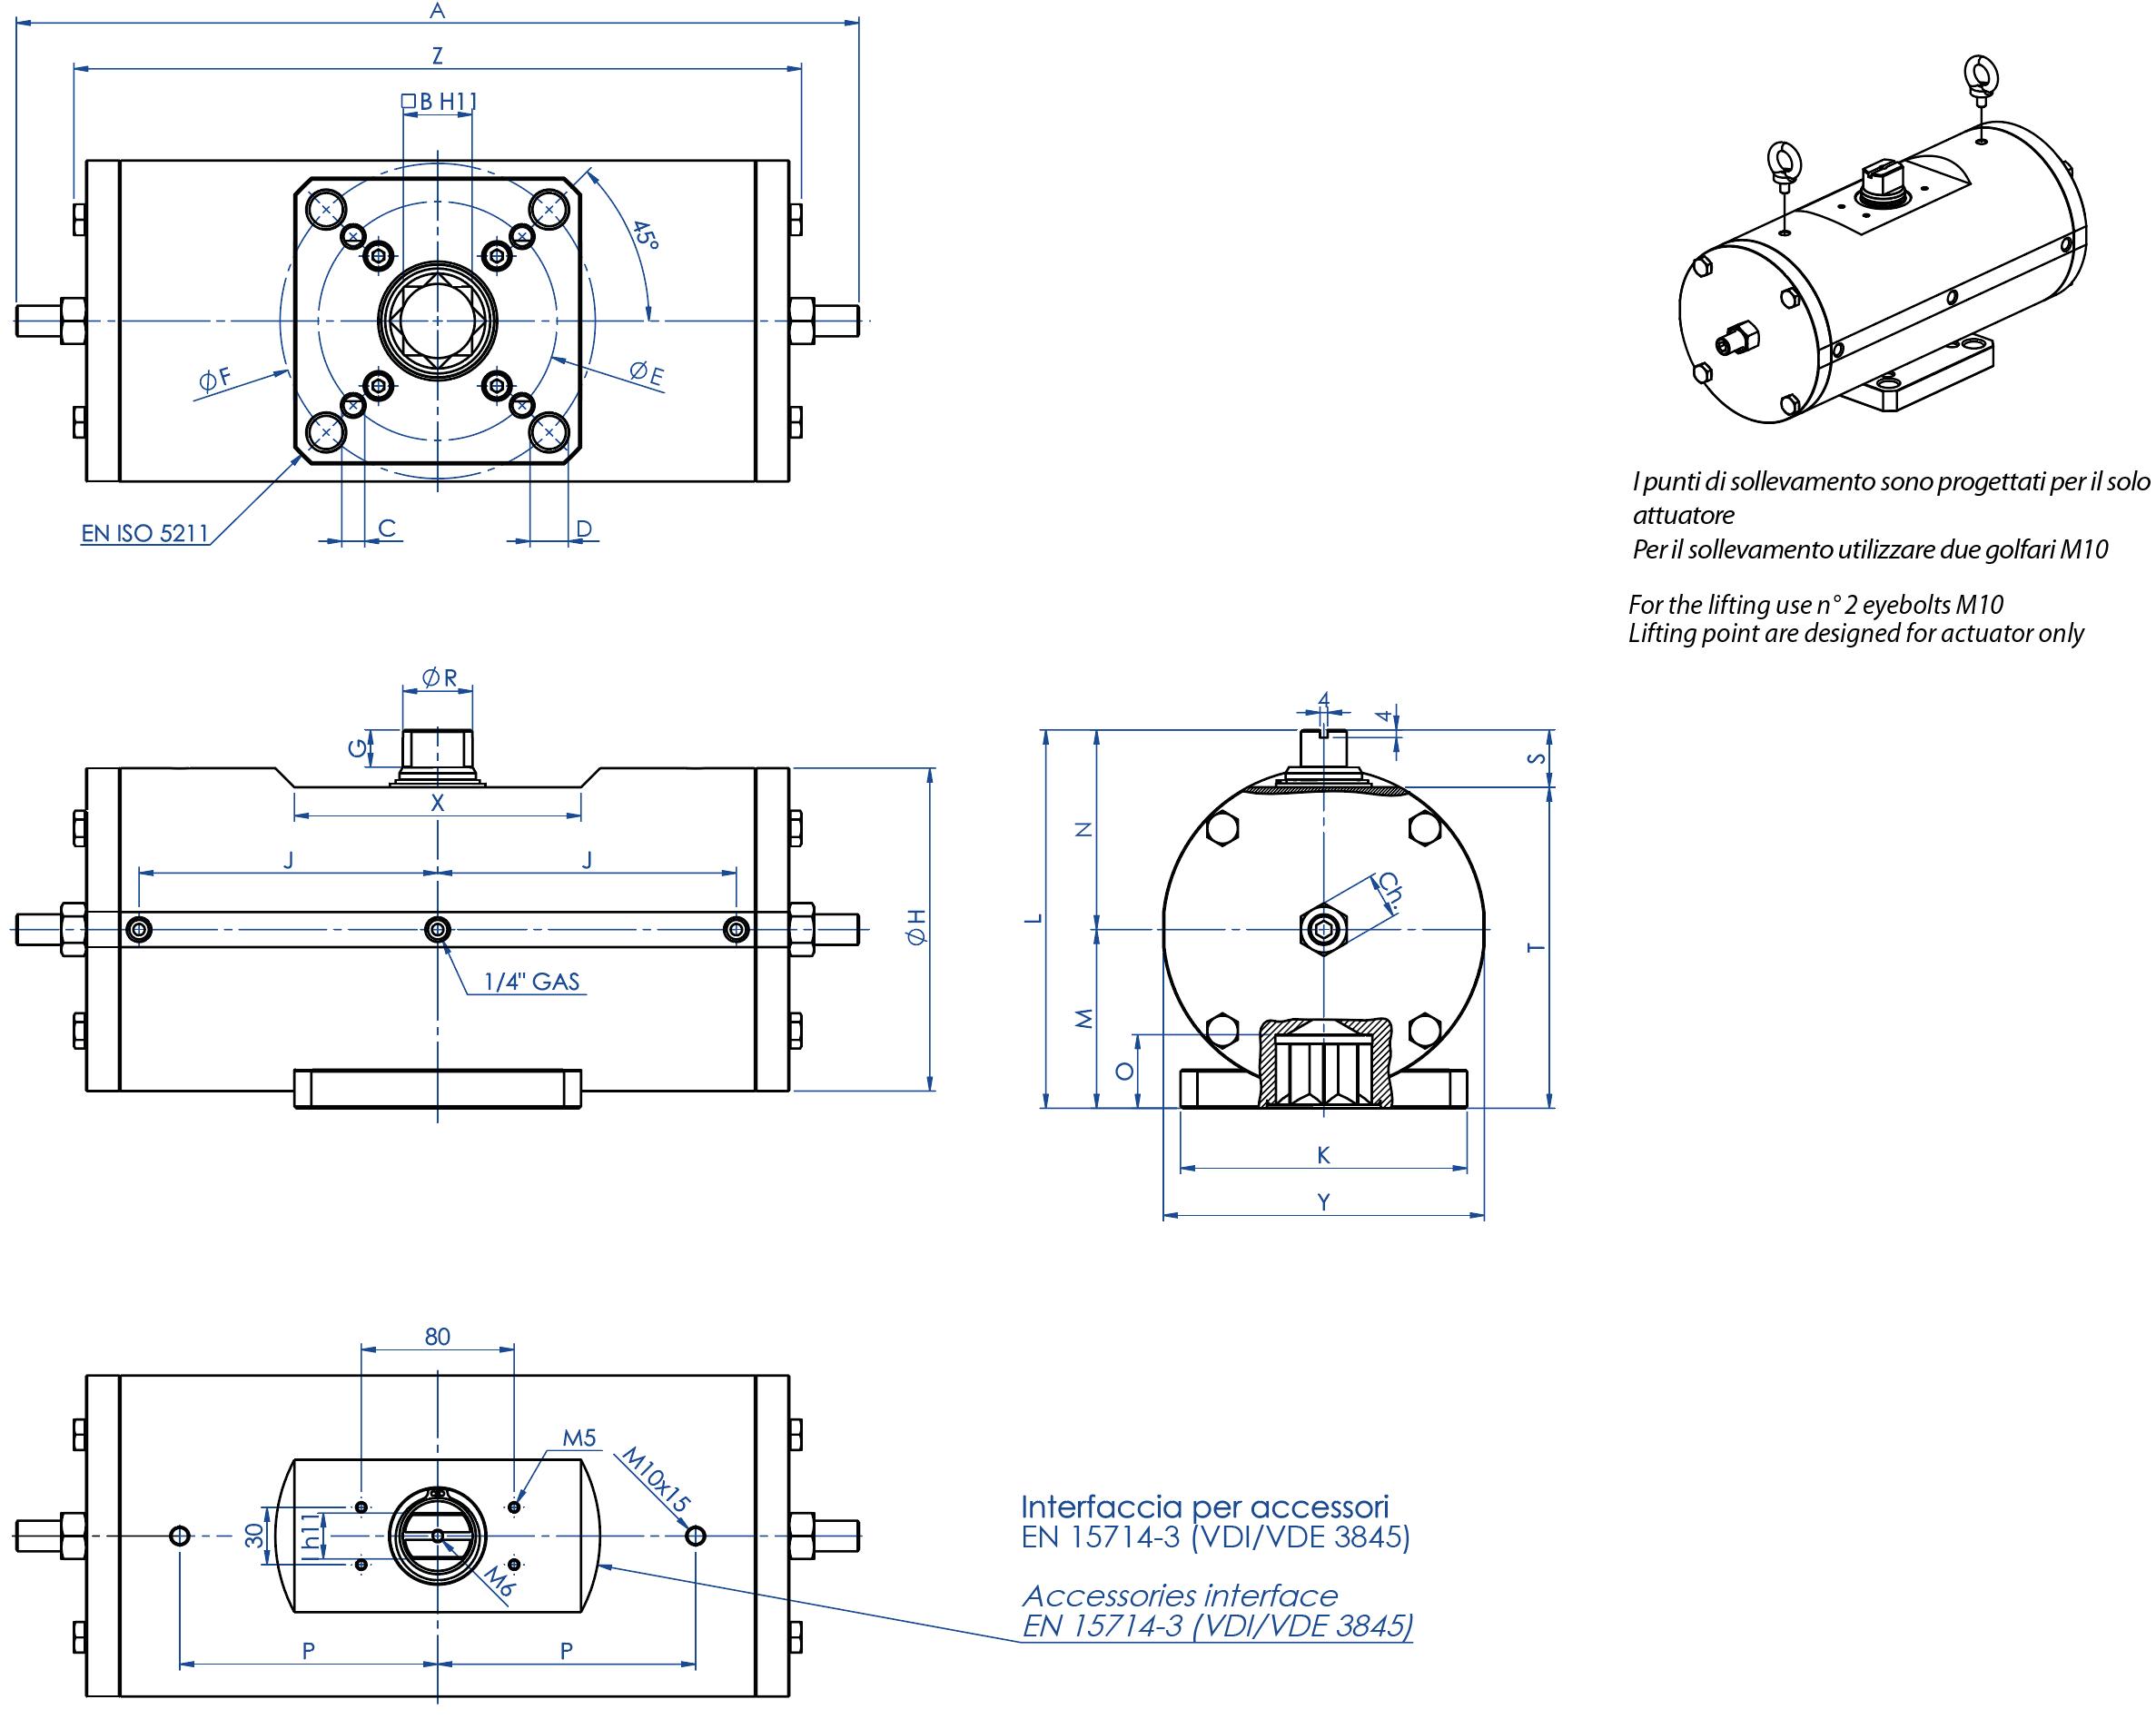 Actionneur pneumatique double effet GD inox 316 de barre - dimensions -